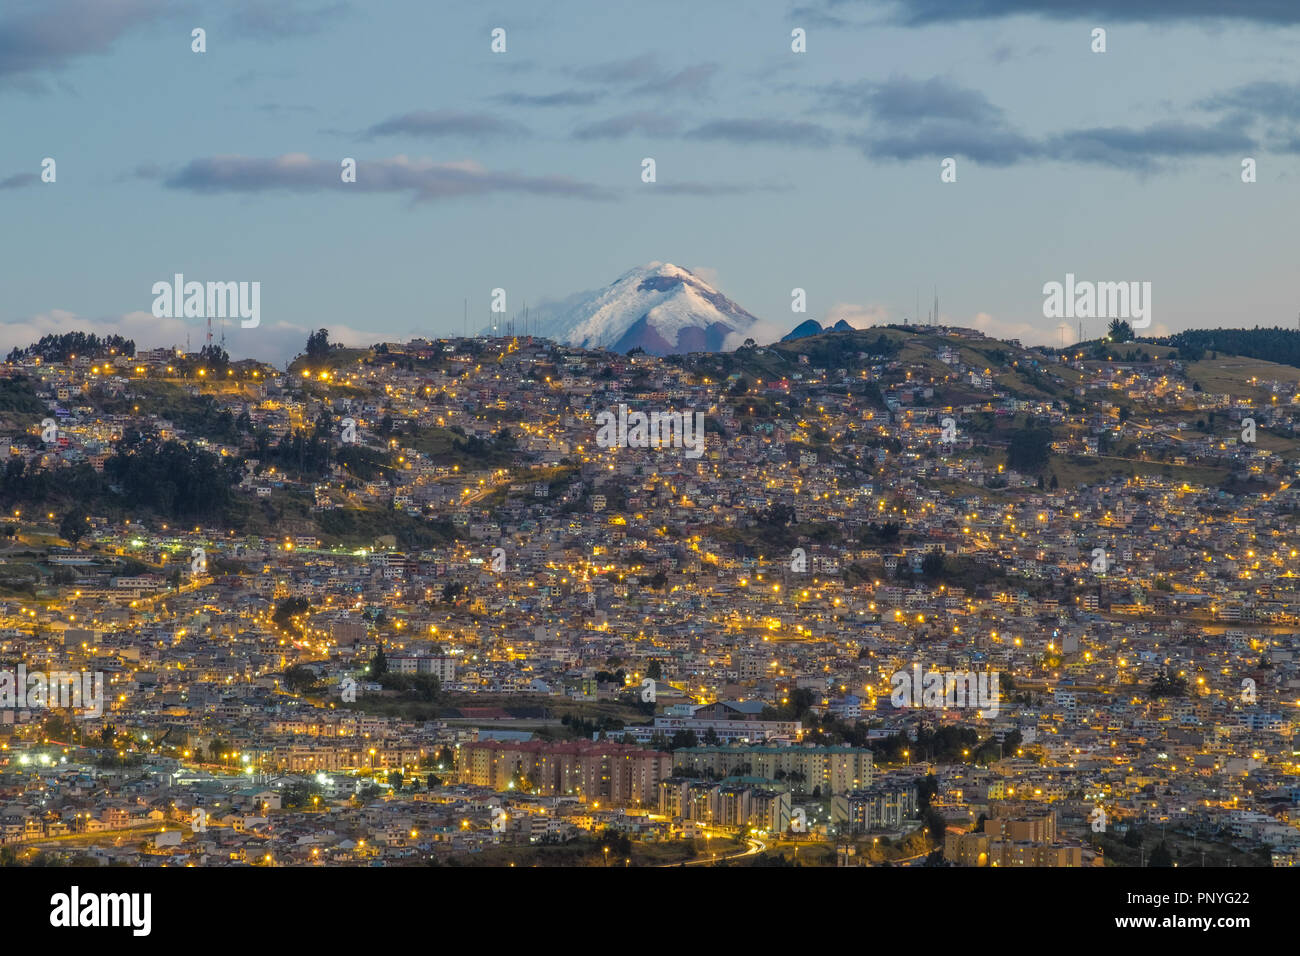 Blick auf Quito bei Nacht und den Vulkan Cotopaxi im Hintergrund, Ecuador Stockbild